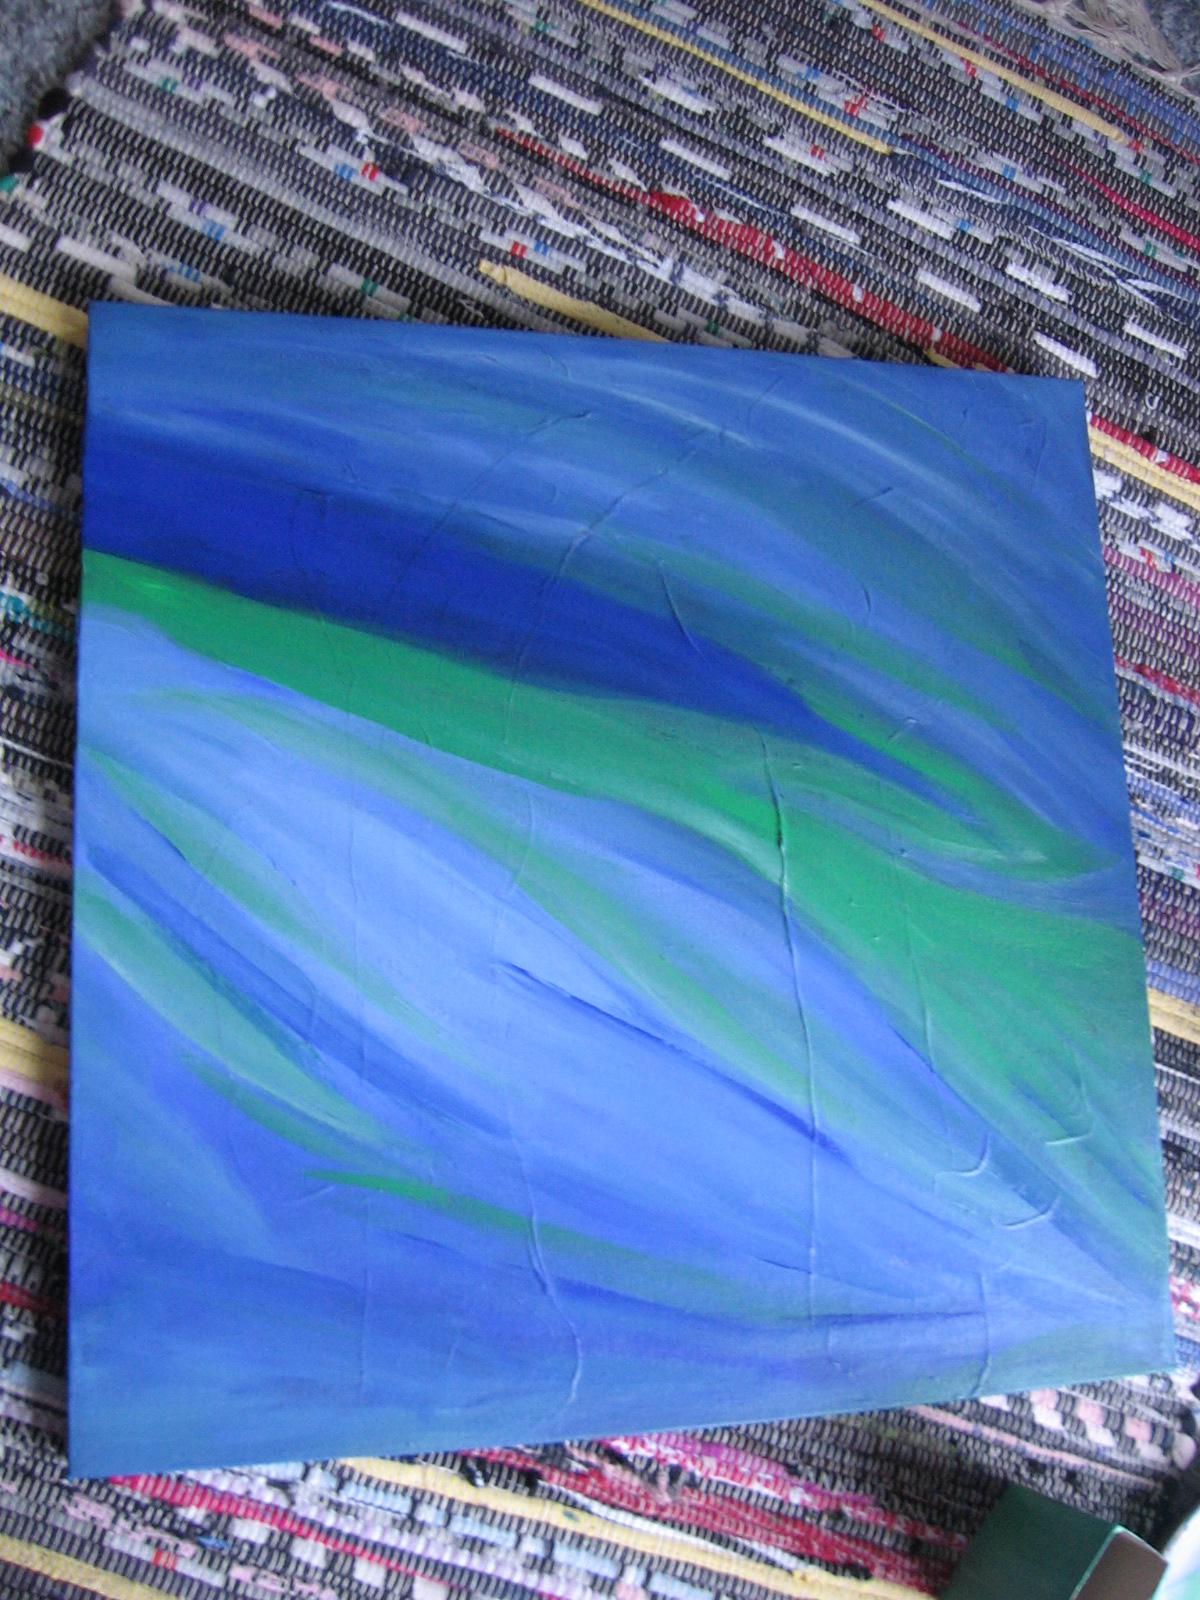 Wiatr 40x40 cm, 1500 DKK, 2011